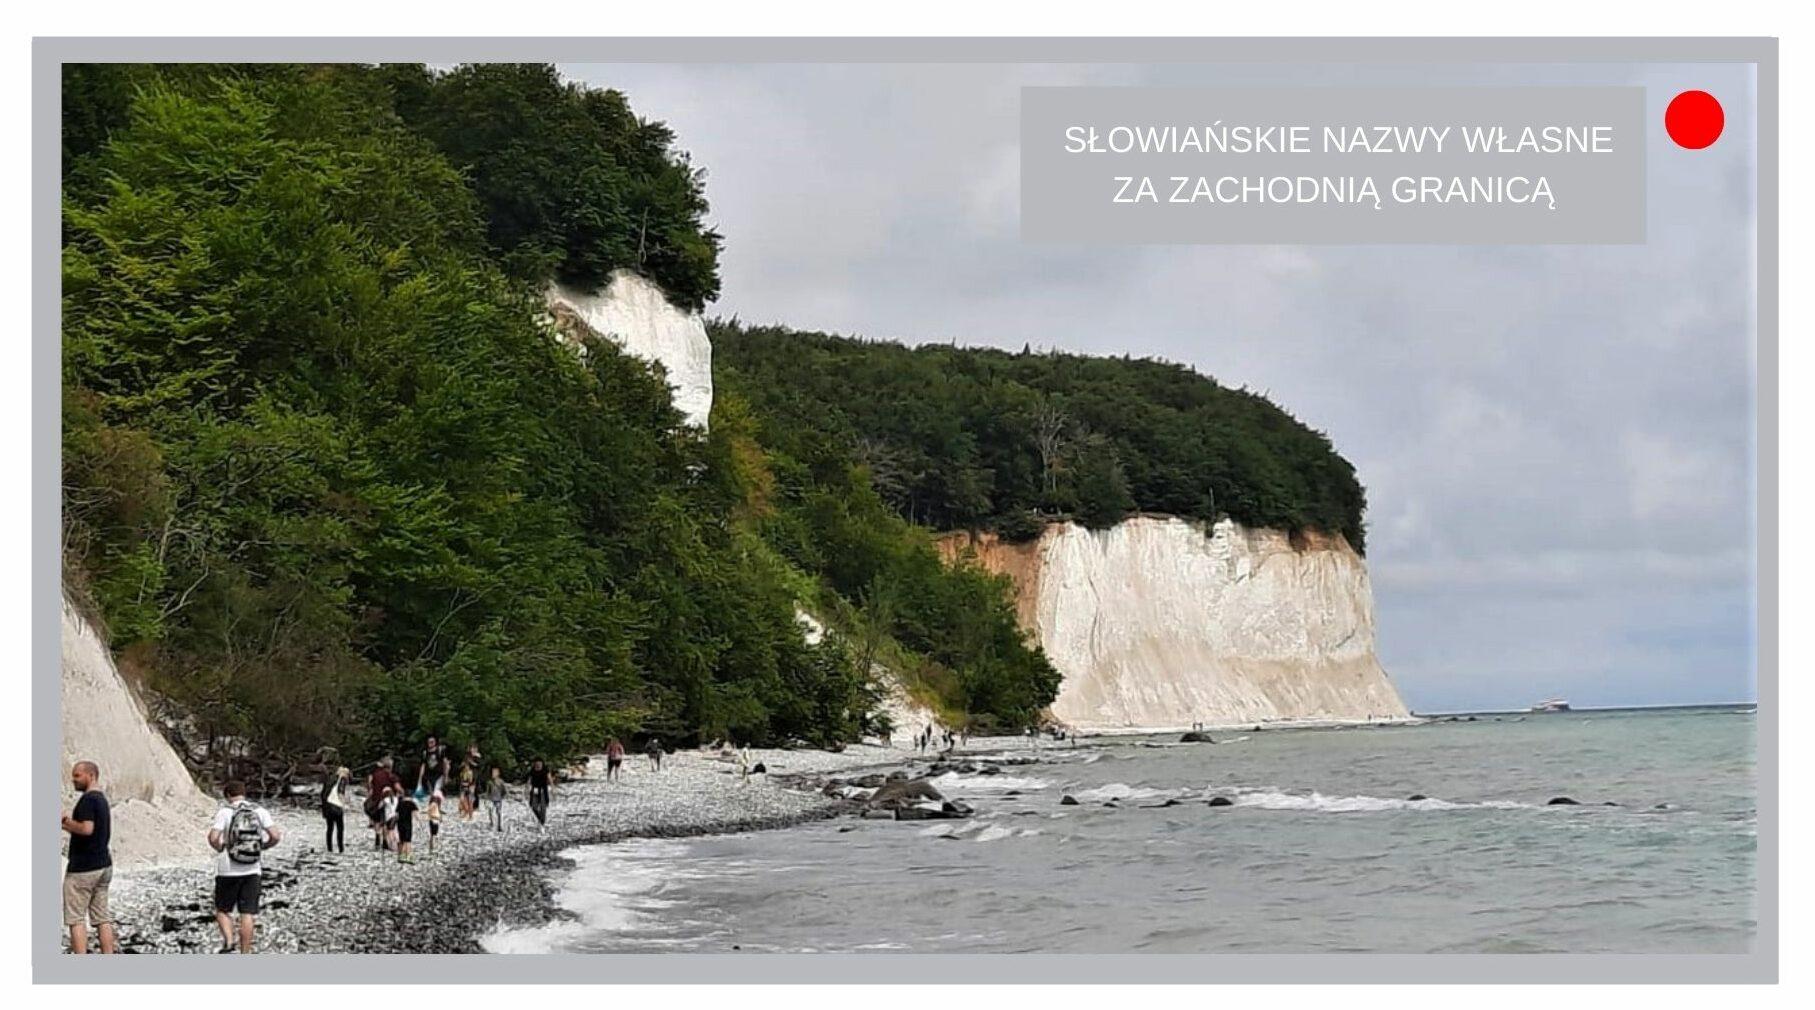 Słowiańskie nazwy własne za zachodnią granicą